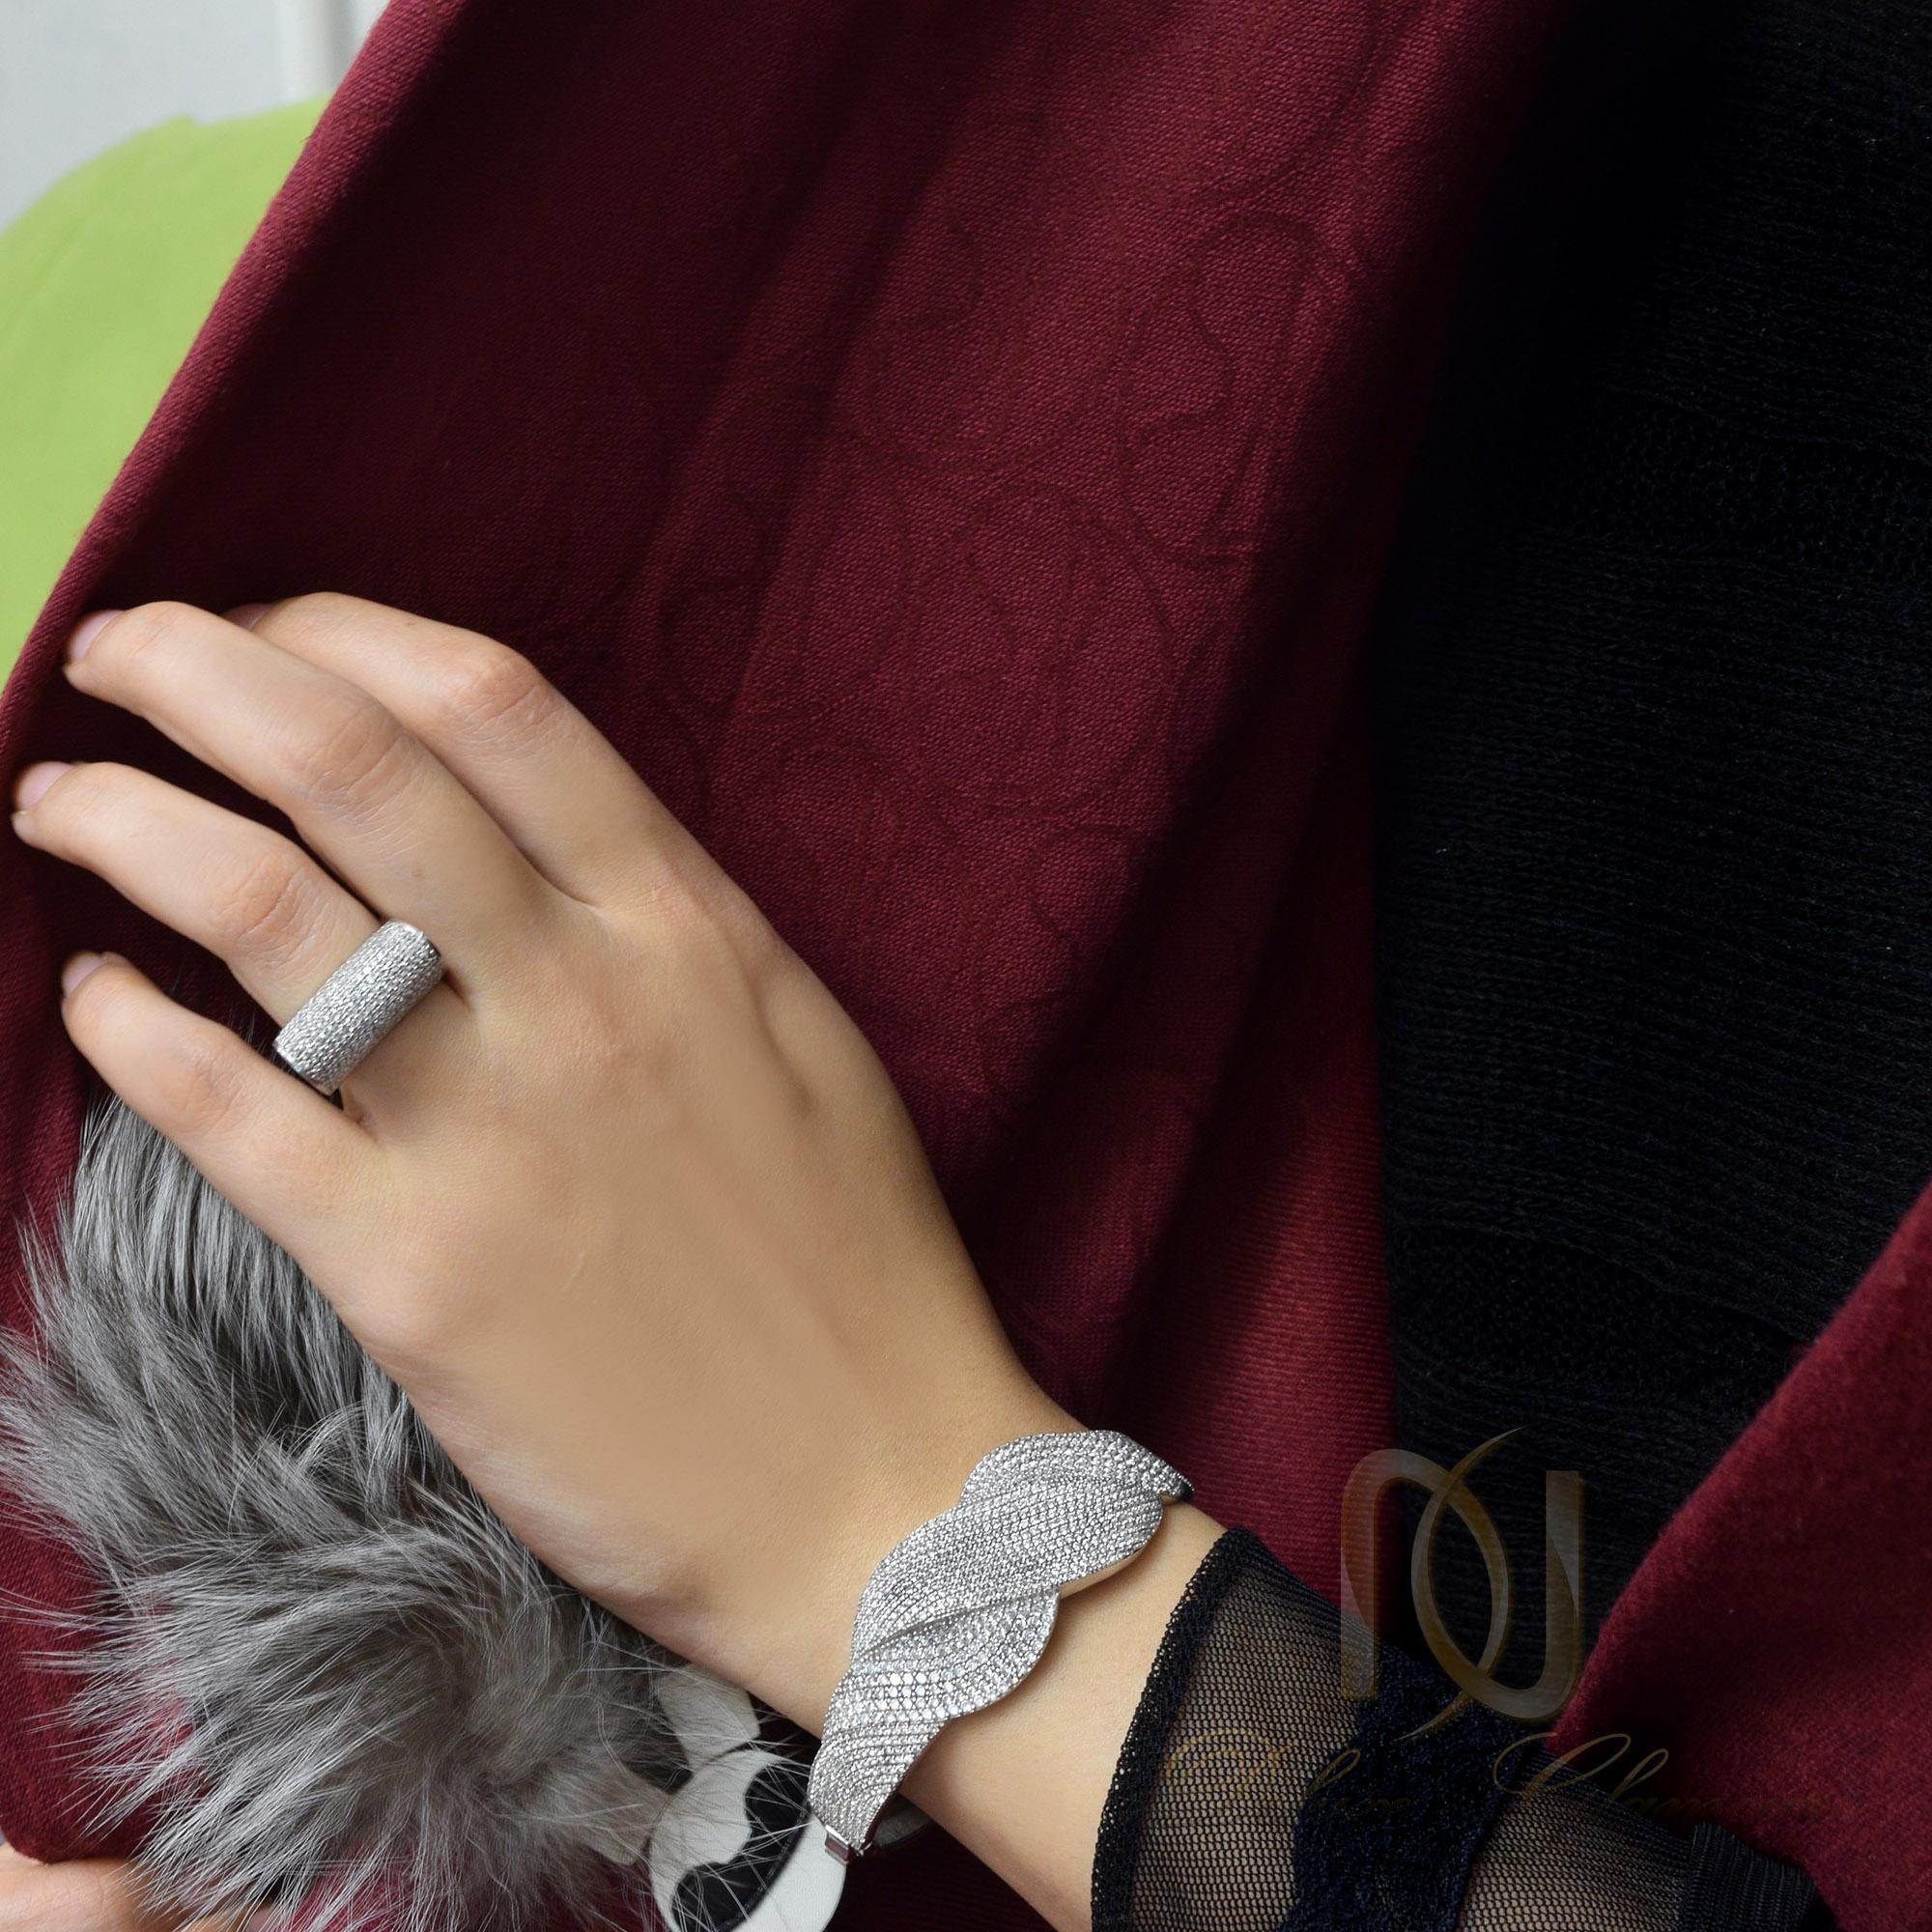 ست دستبند و انگشتر نقره زنانه ns-n249 از نماي روي دست